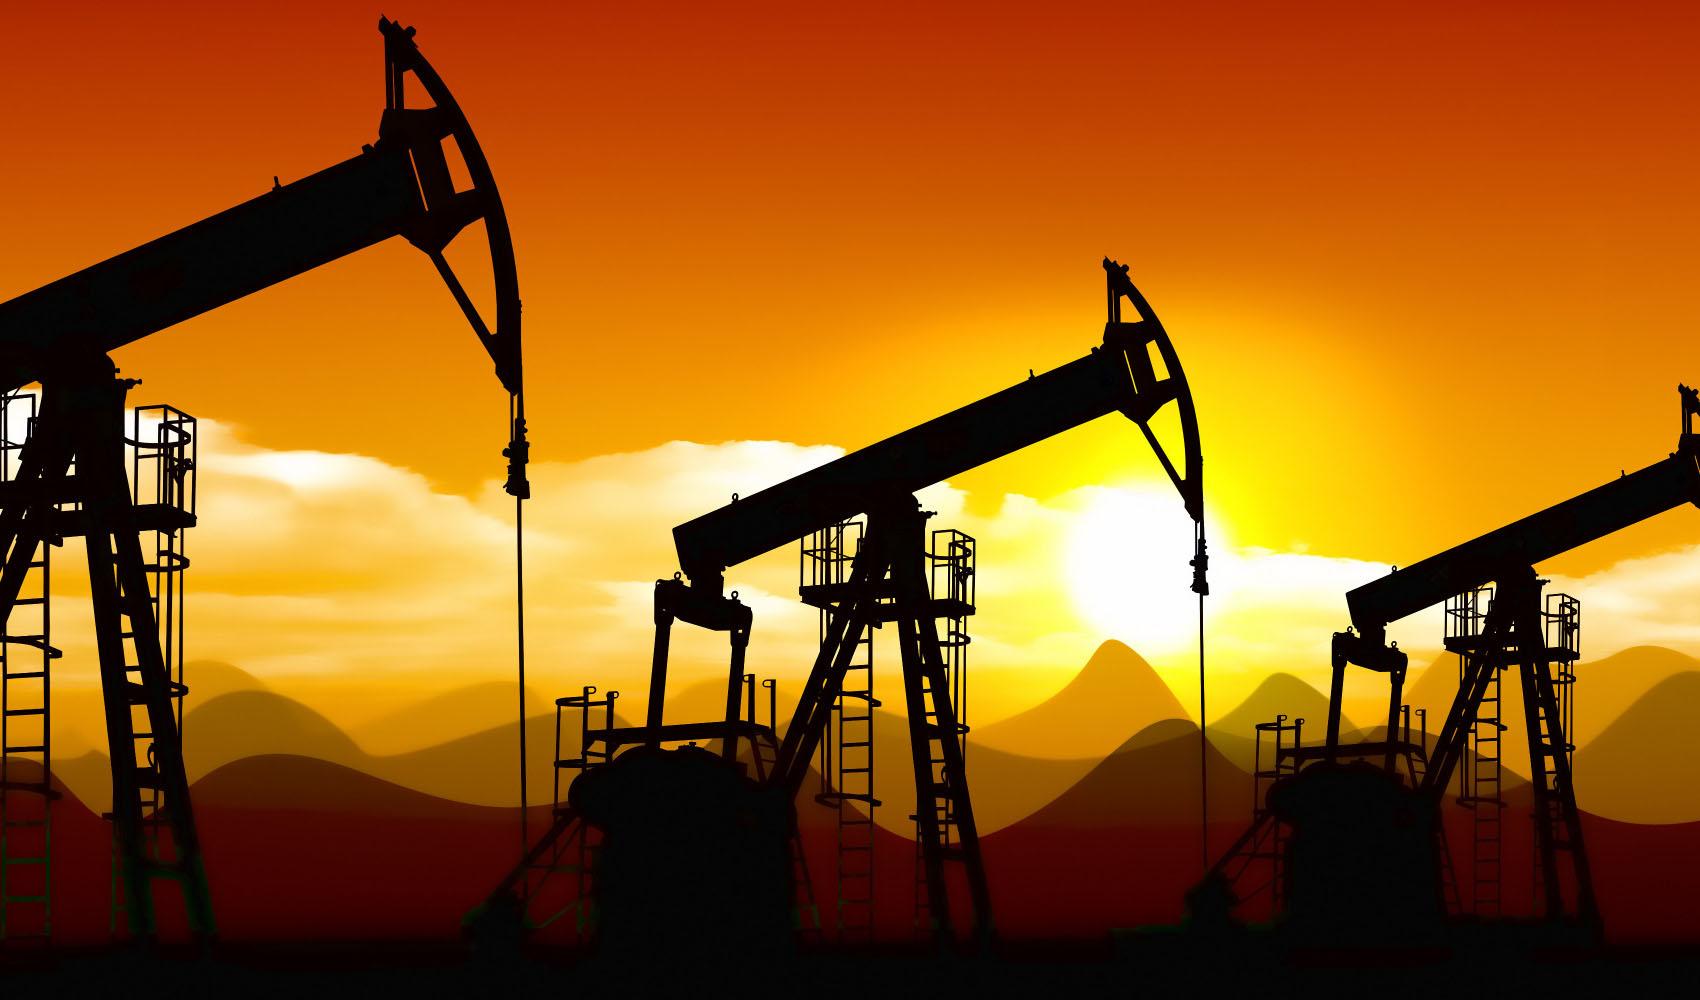 خوشبینی بیش از حد بازار در مورد تقاضای نفت